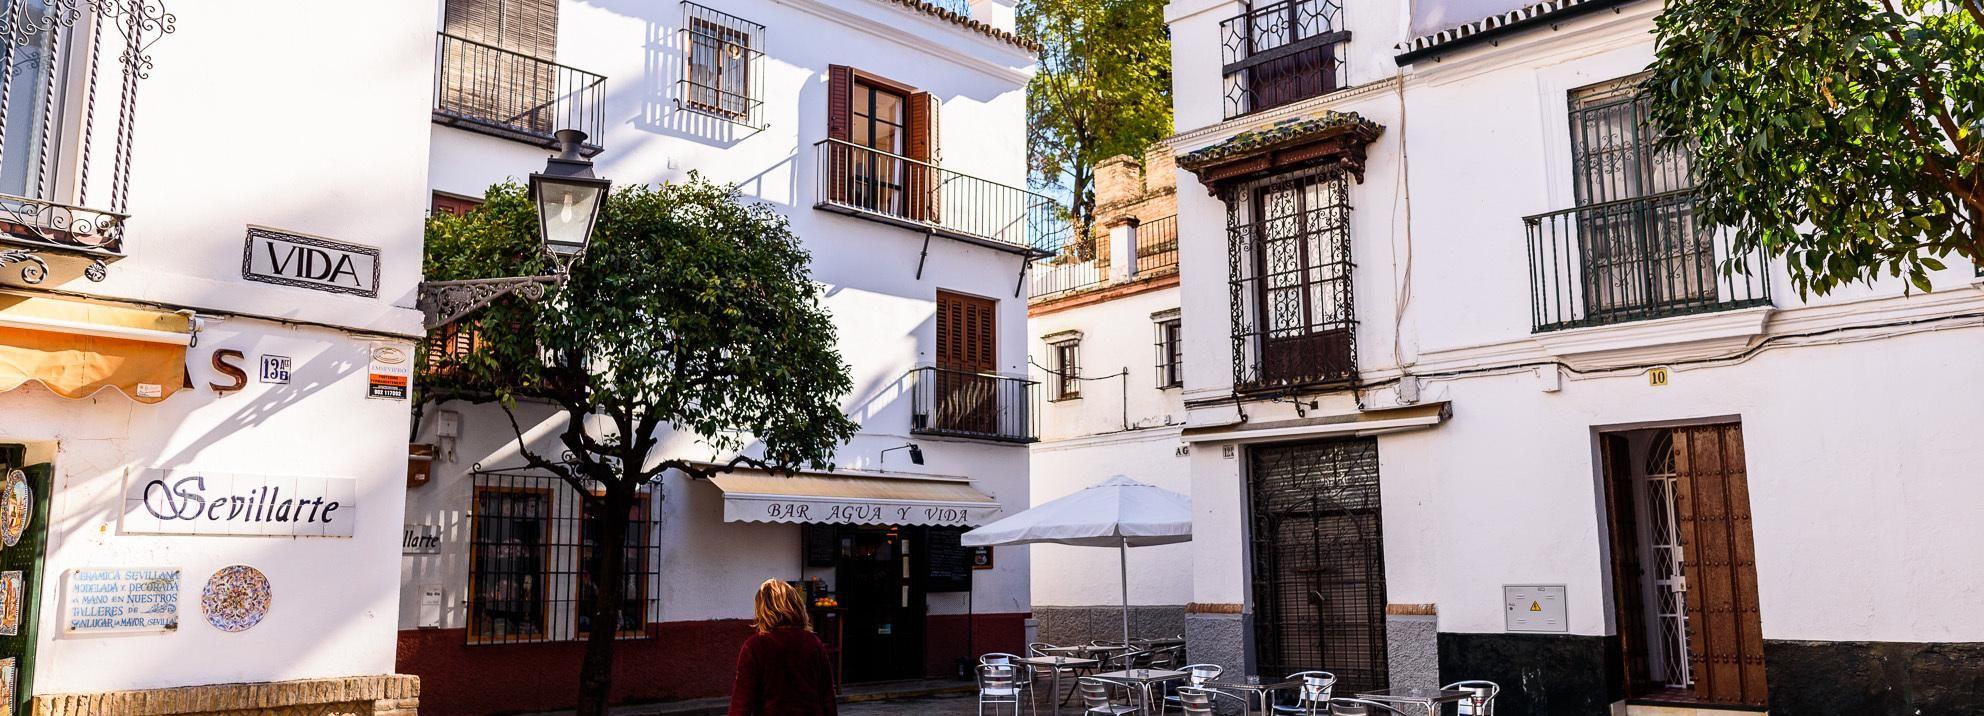 Sewilla: Santa Cruz Old Jewish Quarter Walking Tour